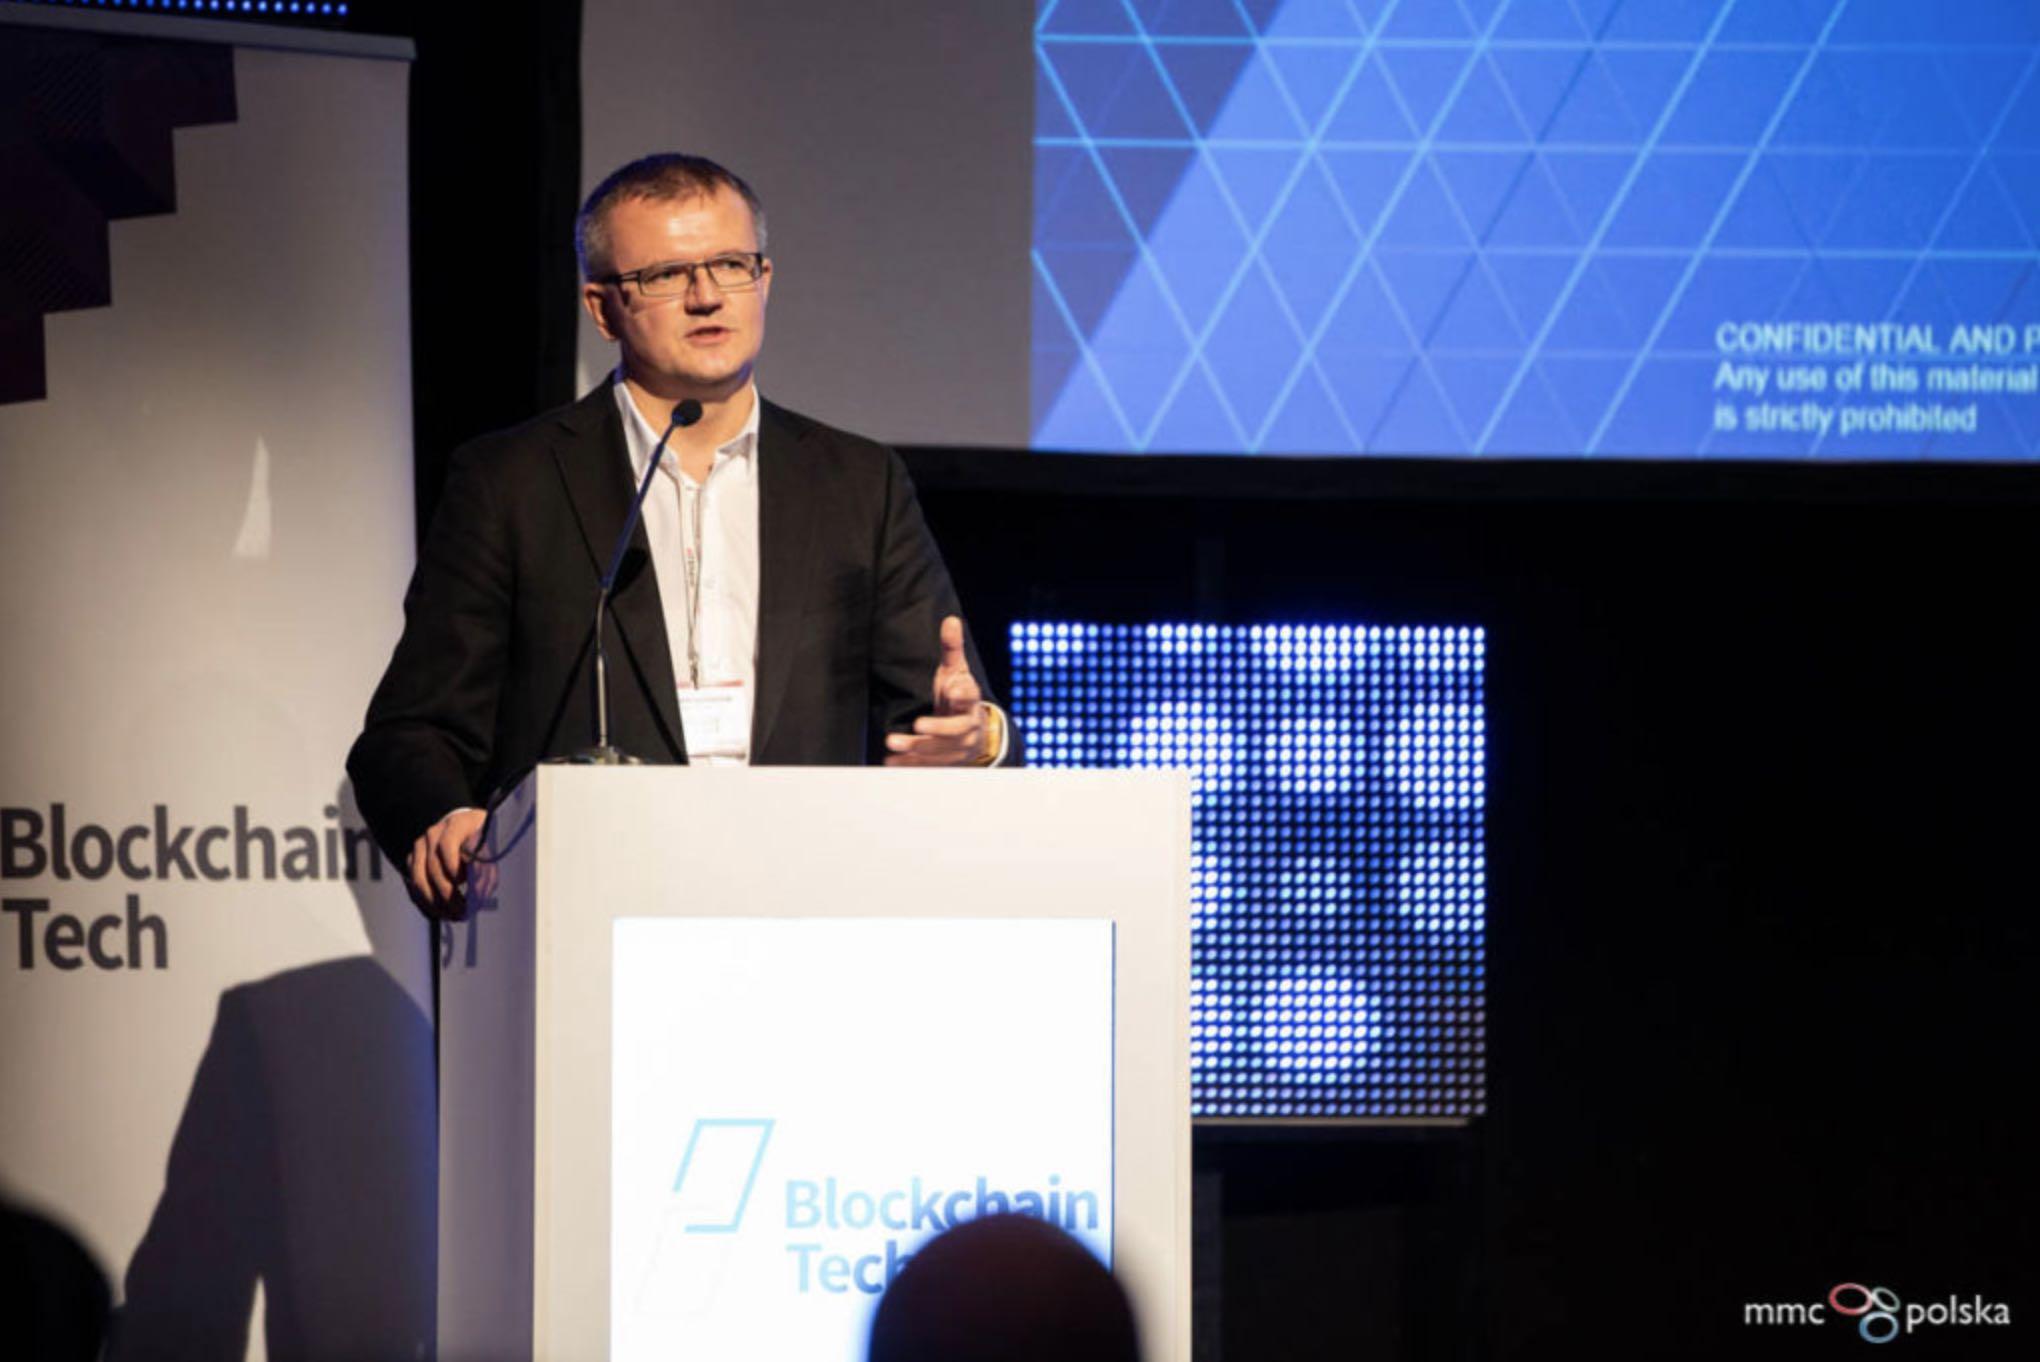 BlockchainTech Norbert Biedrzycki 2